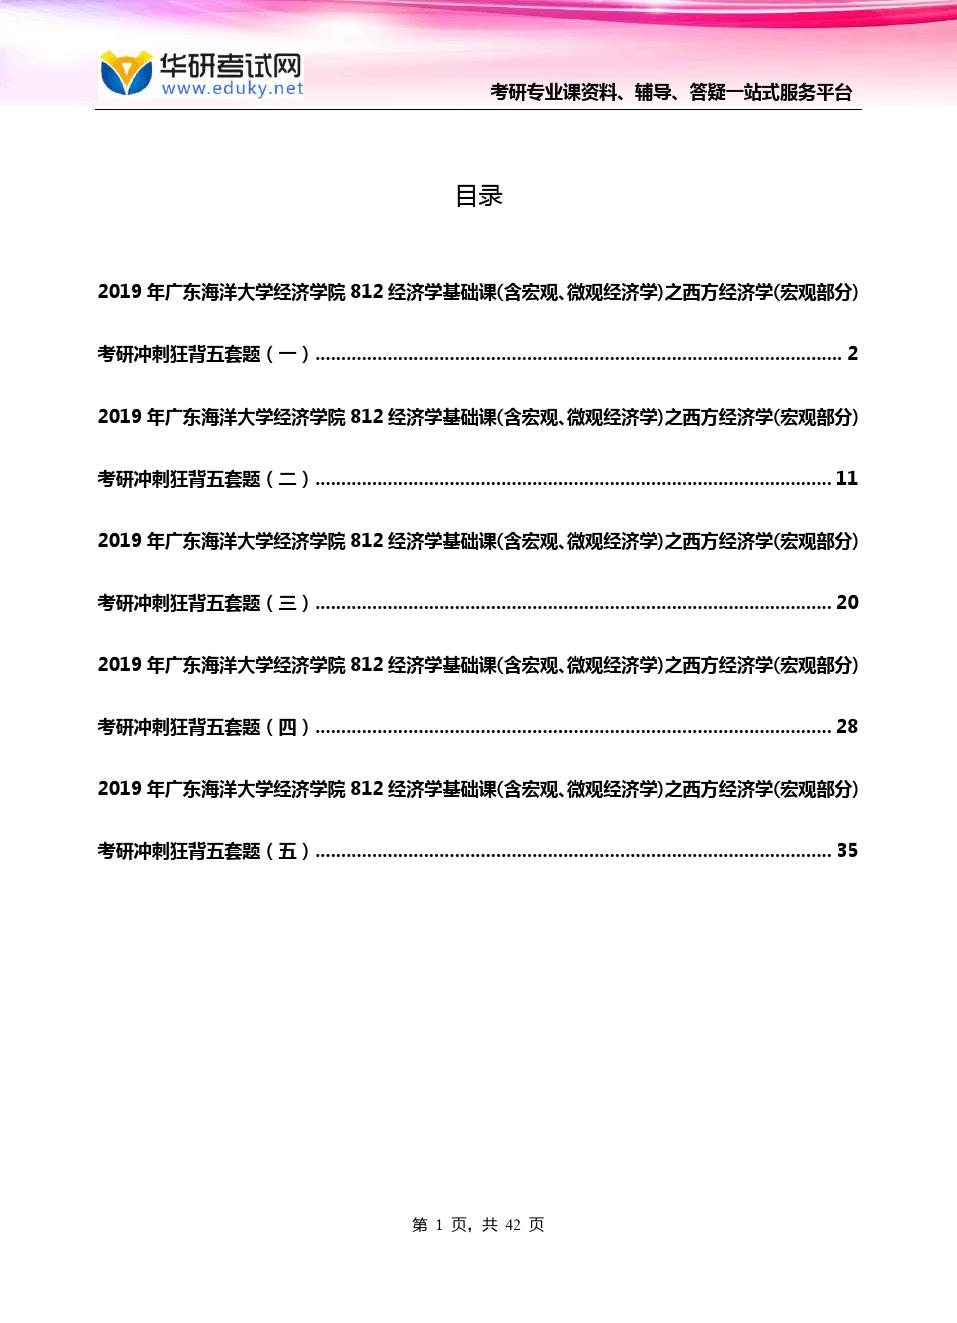 2019年广东海洋大学经济学院812经济学基础课(宏观、微观经济学)之西方经济学(宏观部分)考研冲刺狂背五套题